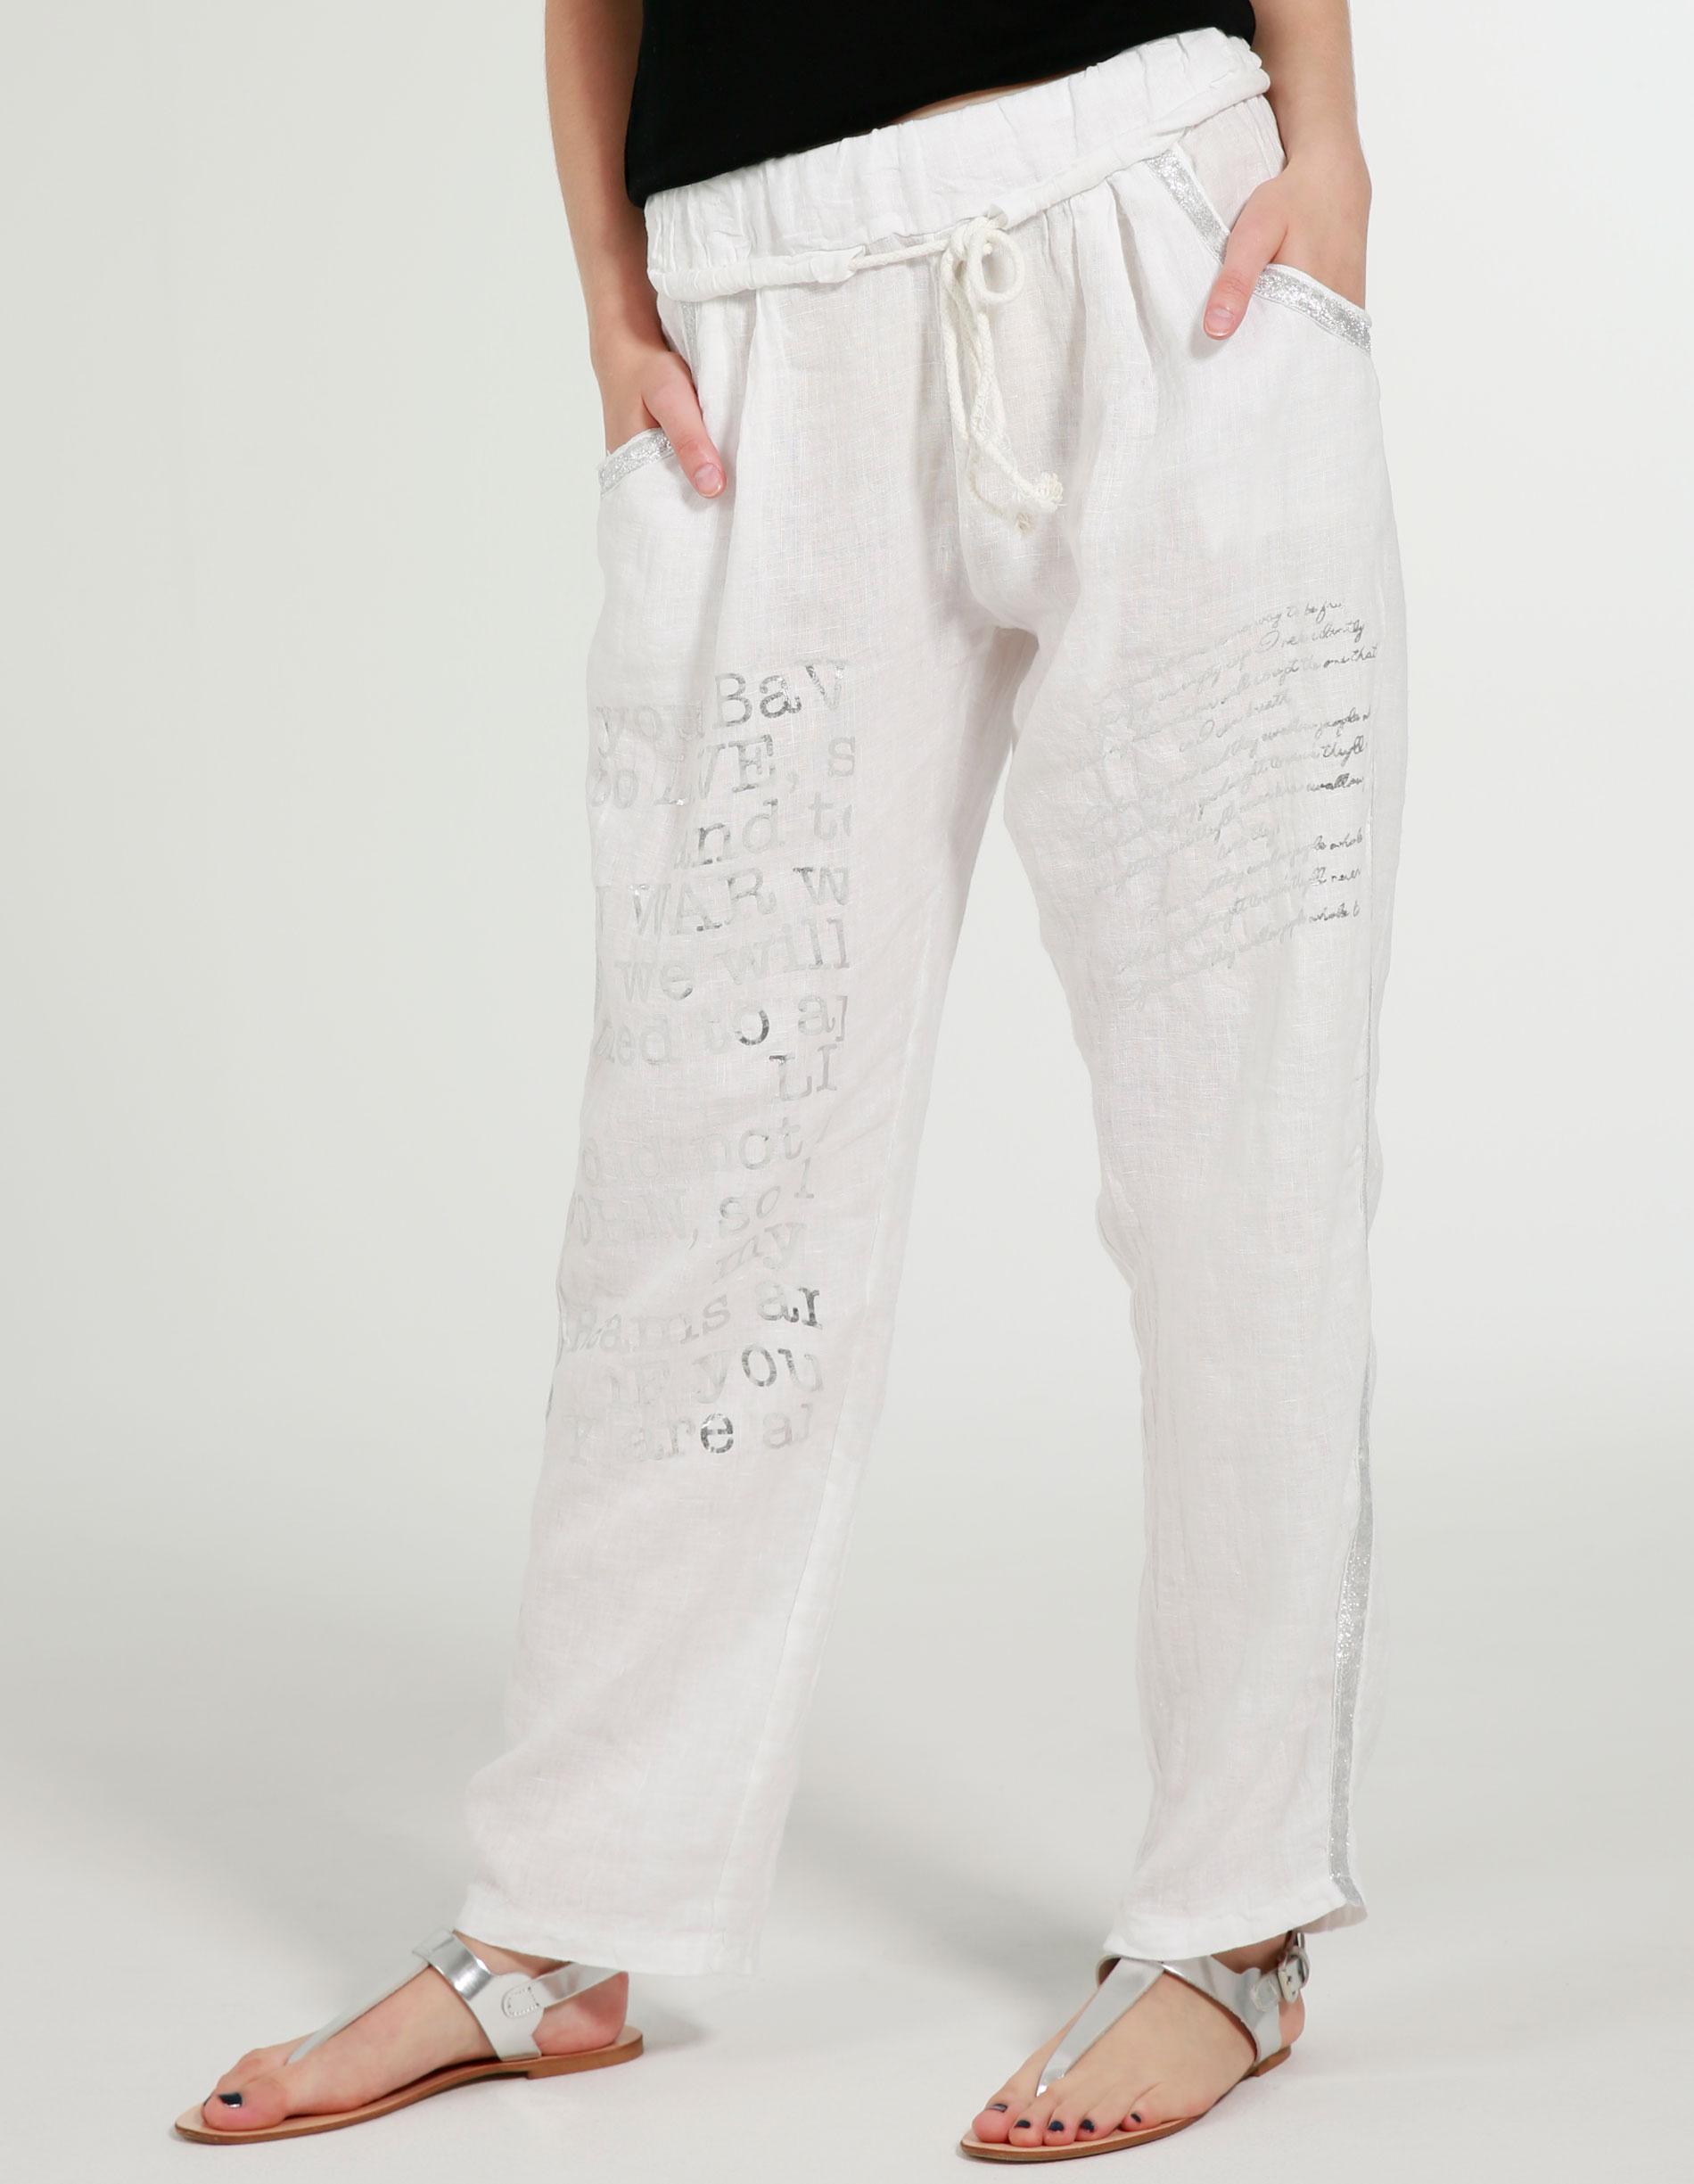 Spodnie - 141-8352 BIAN - Unisono